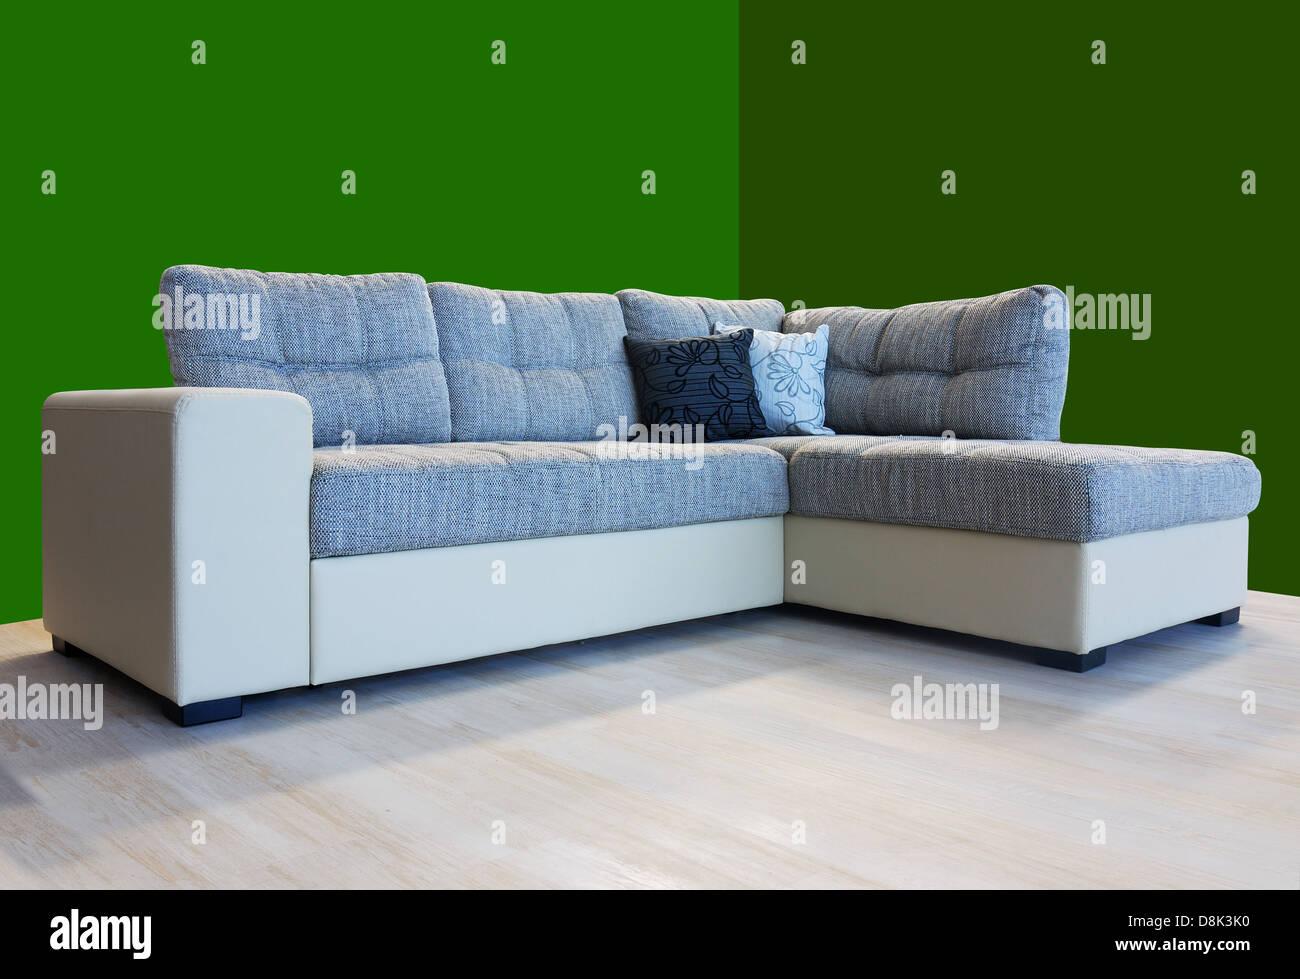 Tejido en forma de L de cuatro sitter sofá, color gris. Imagen De Stock